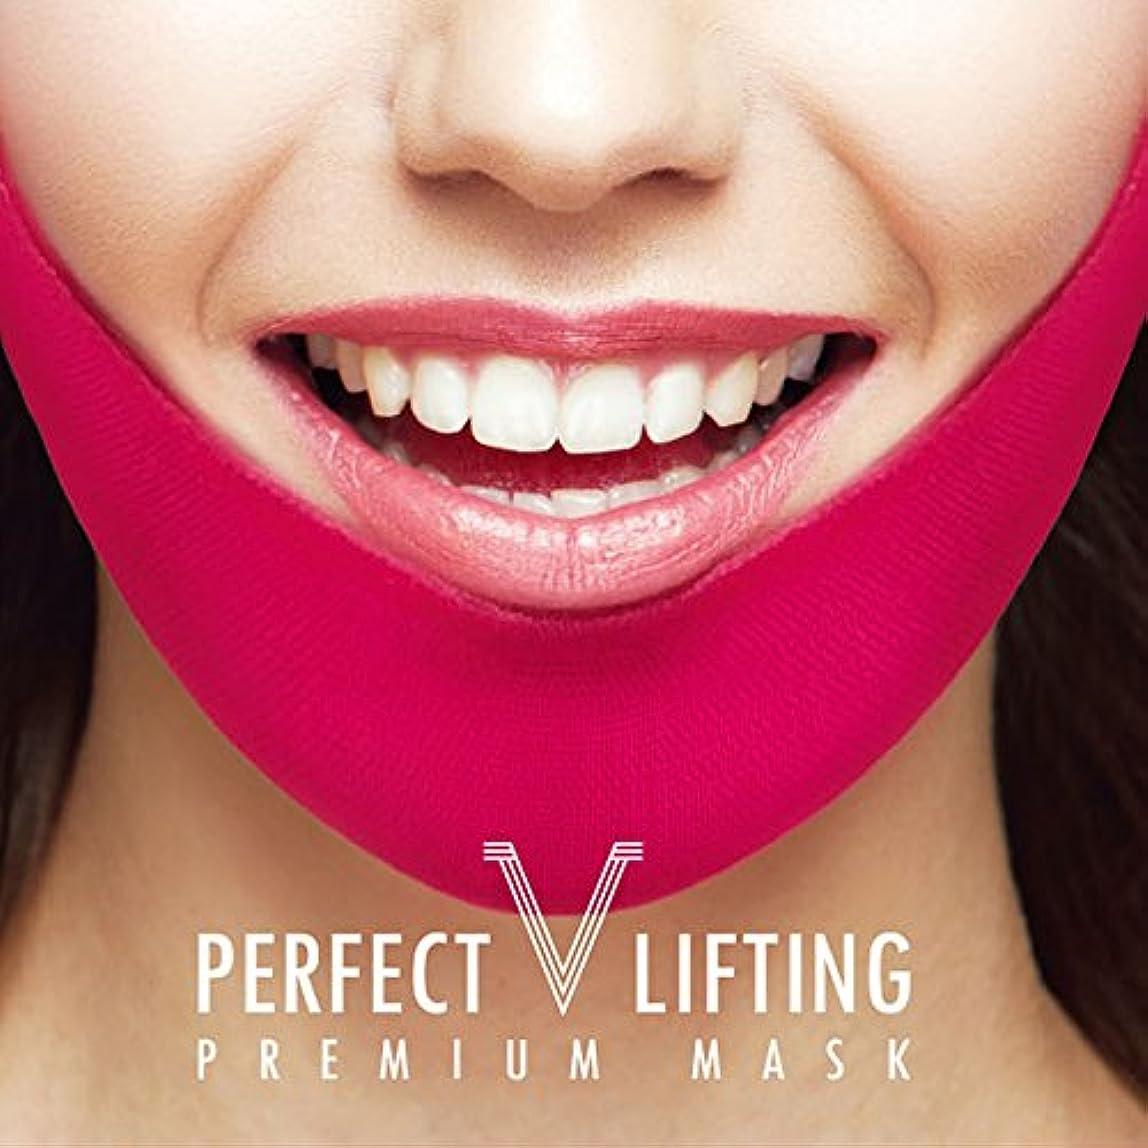 ヒゲ粘り強い誰かAvajar パーフェクト V リフティング プレミアムマスク エイバザール マスク フェイスマスク 小顔効果と顎ラインを取り戻す 1パック